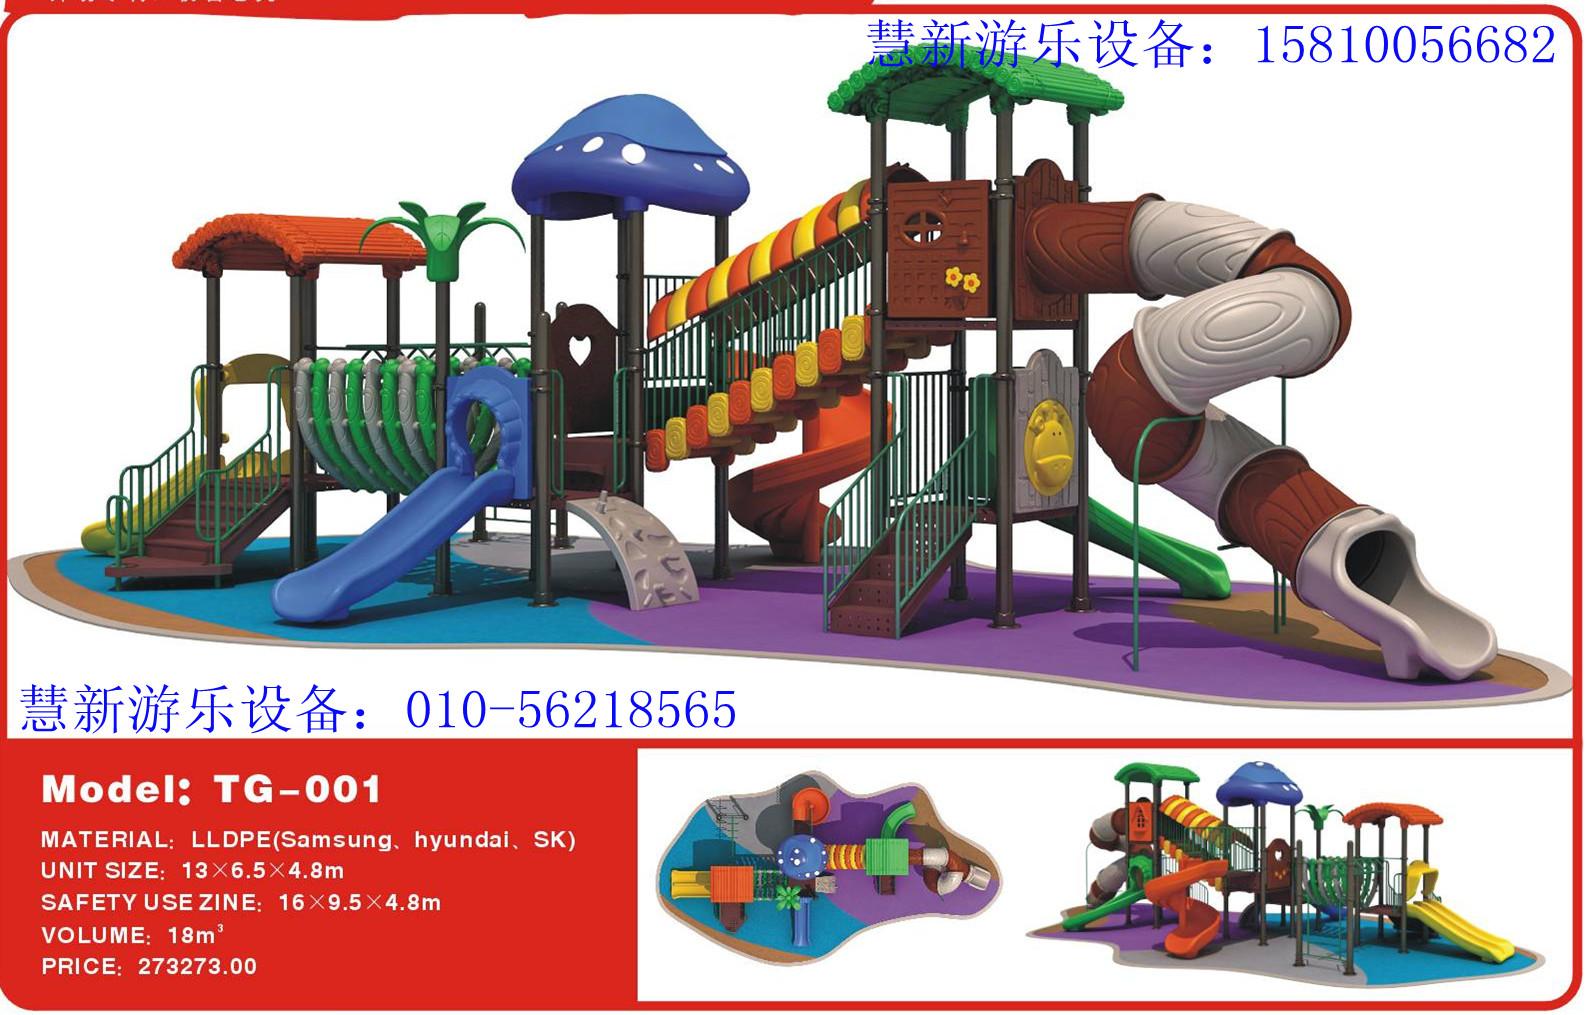 幼儿园室内滑梯,游乐园滑梯,滑梯秋千组合